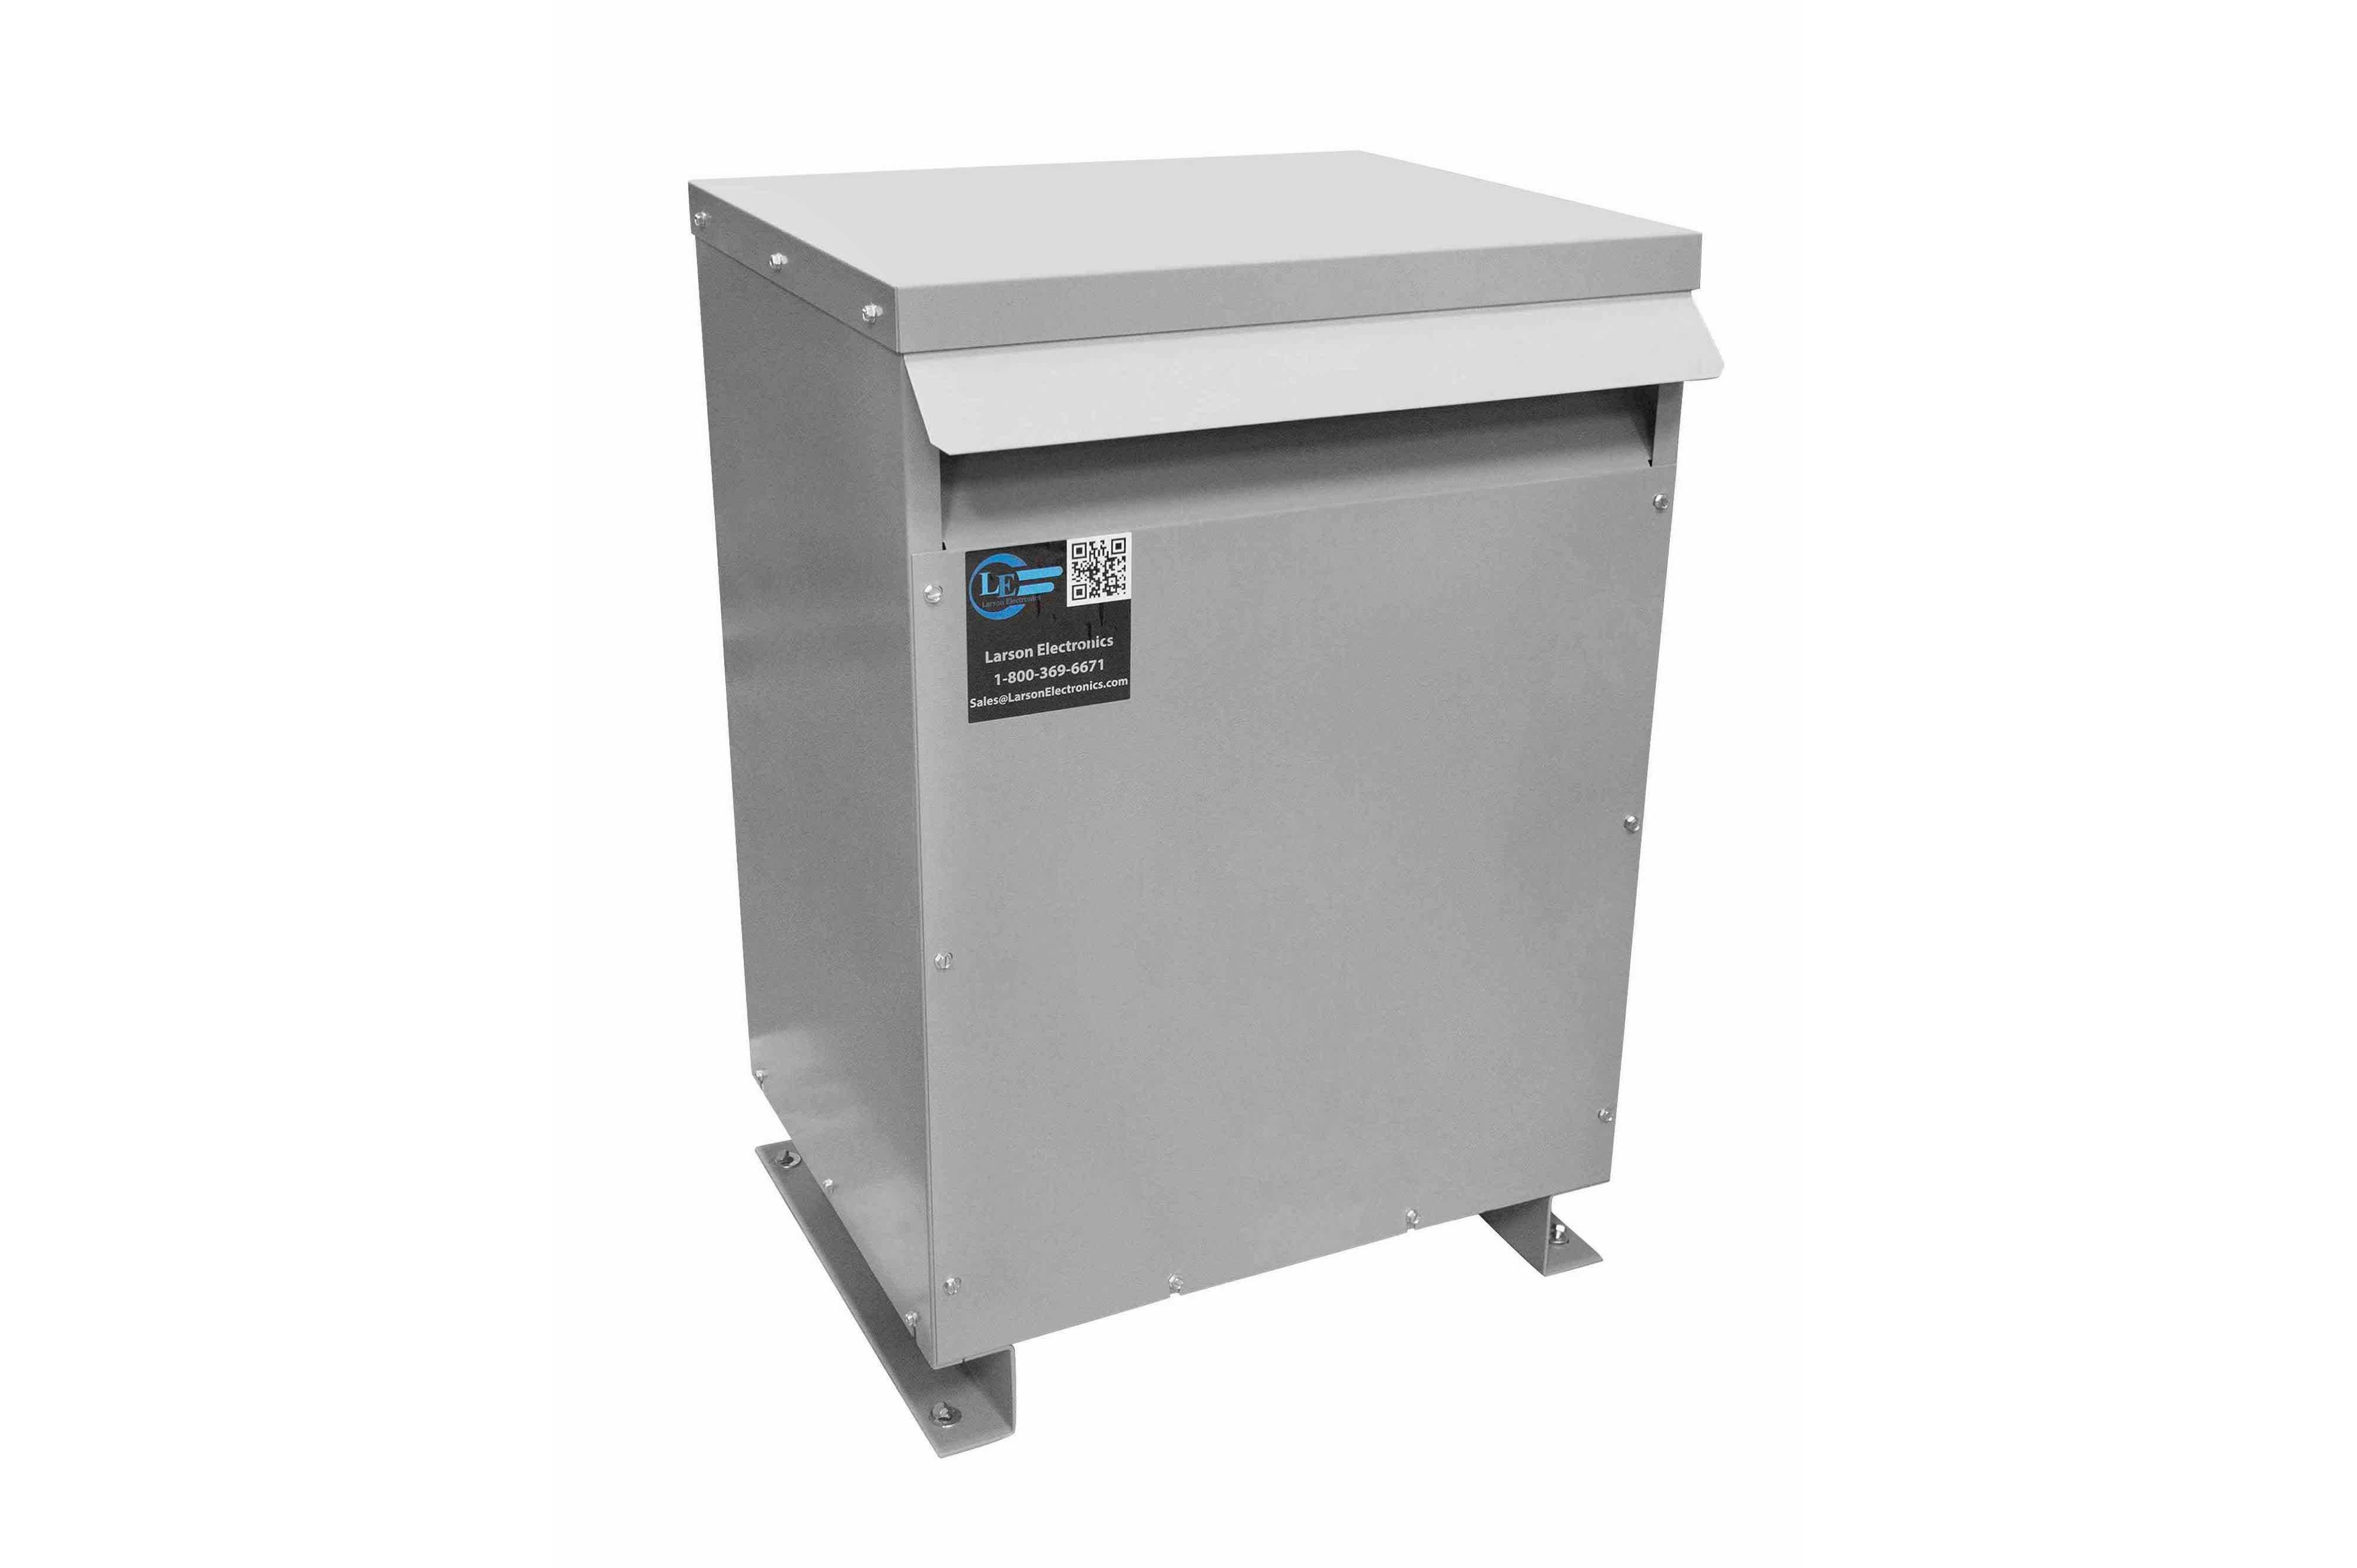 45 kVA 3PH Isolation Transformer, 460V Delta Primary, 240 Delta Secondary, N3R, Ventilated, 60 Hz